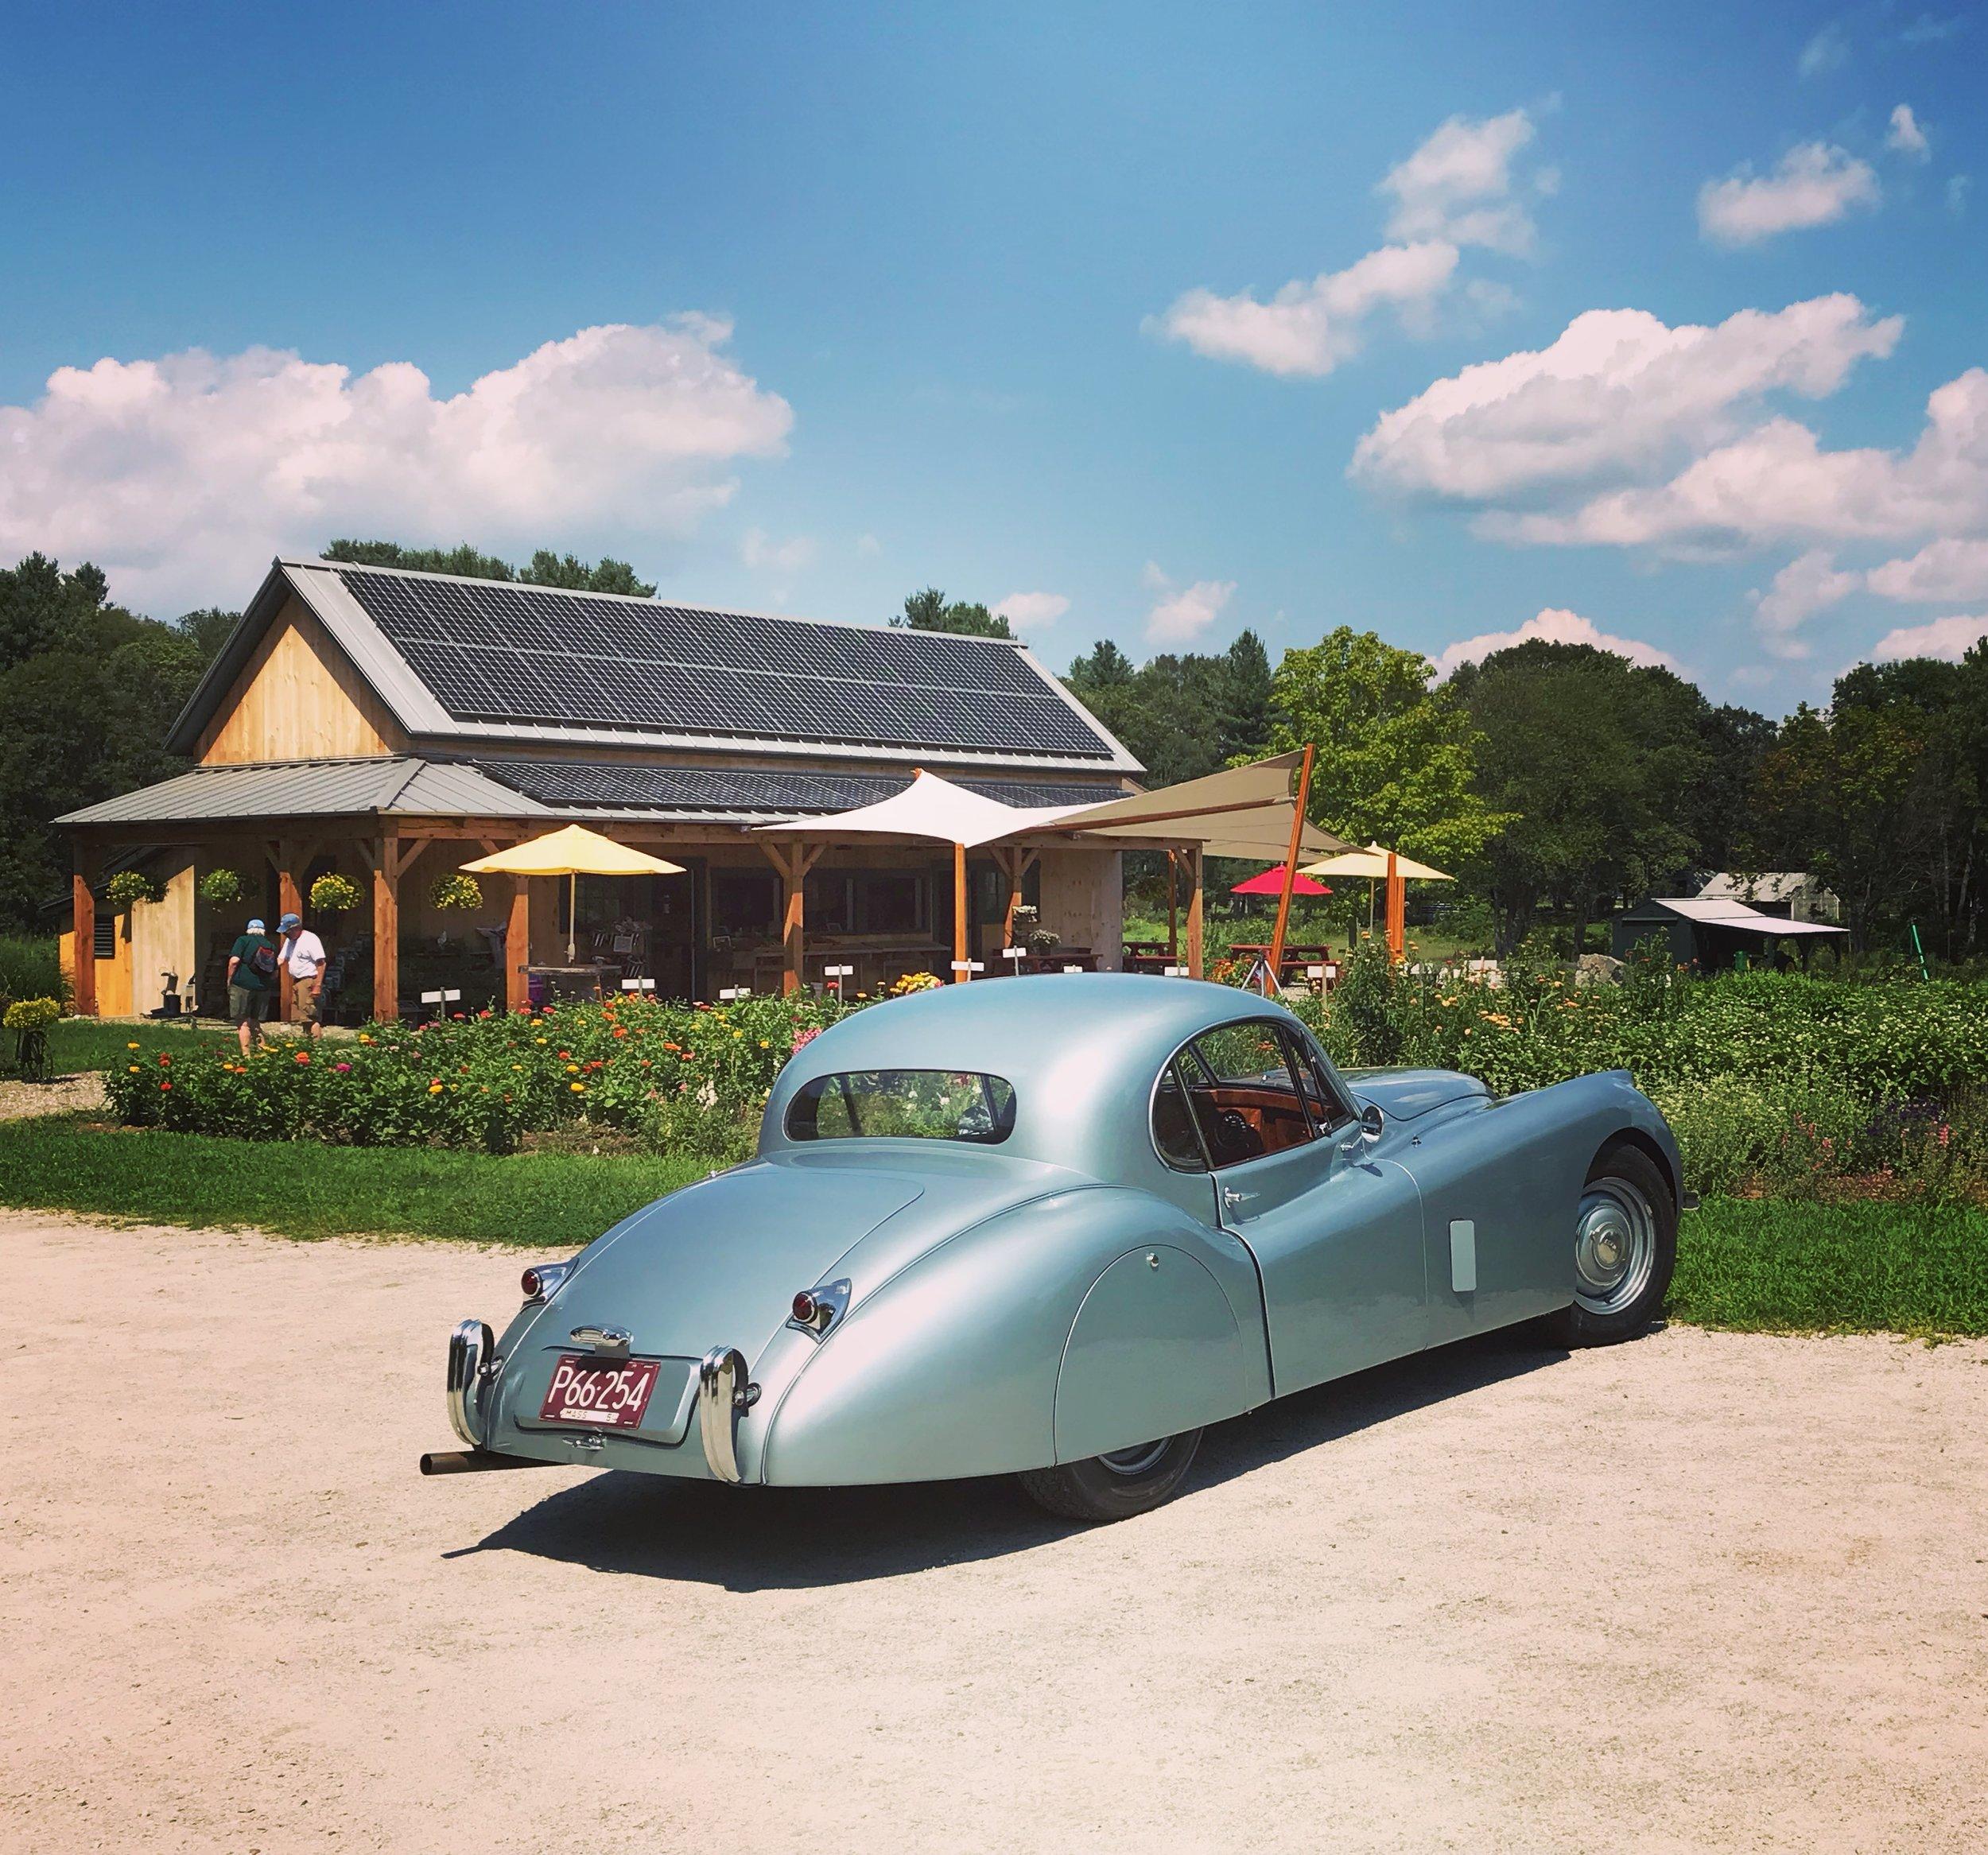 '51 Jaguar visits the market in the summer of 2018